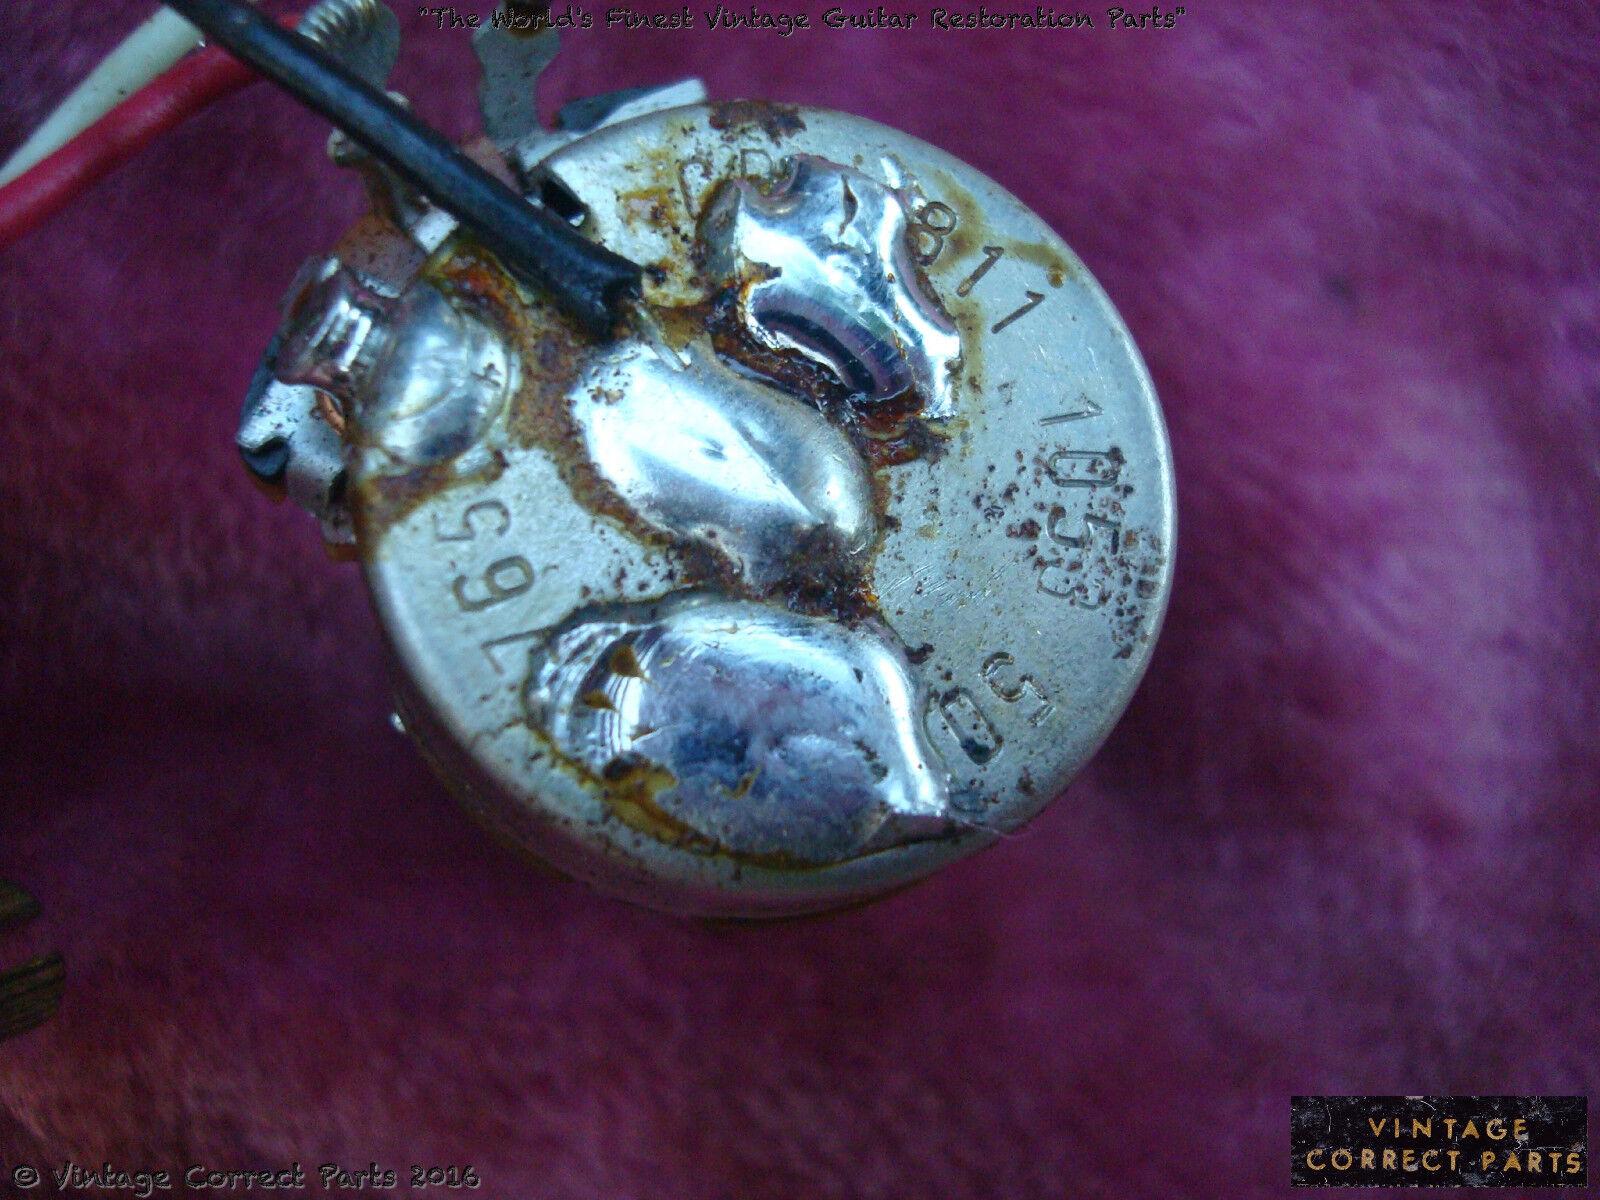 vintage gibson 1965 firebird wiring harness non reverse i iii 1966 vintage gibson 1965 firebird wiring harness non reverse i iii 1966 1967 pots cap 9 9 of 11